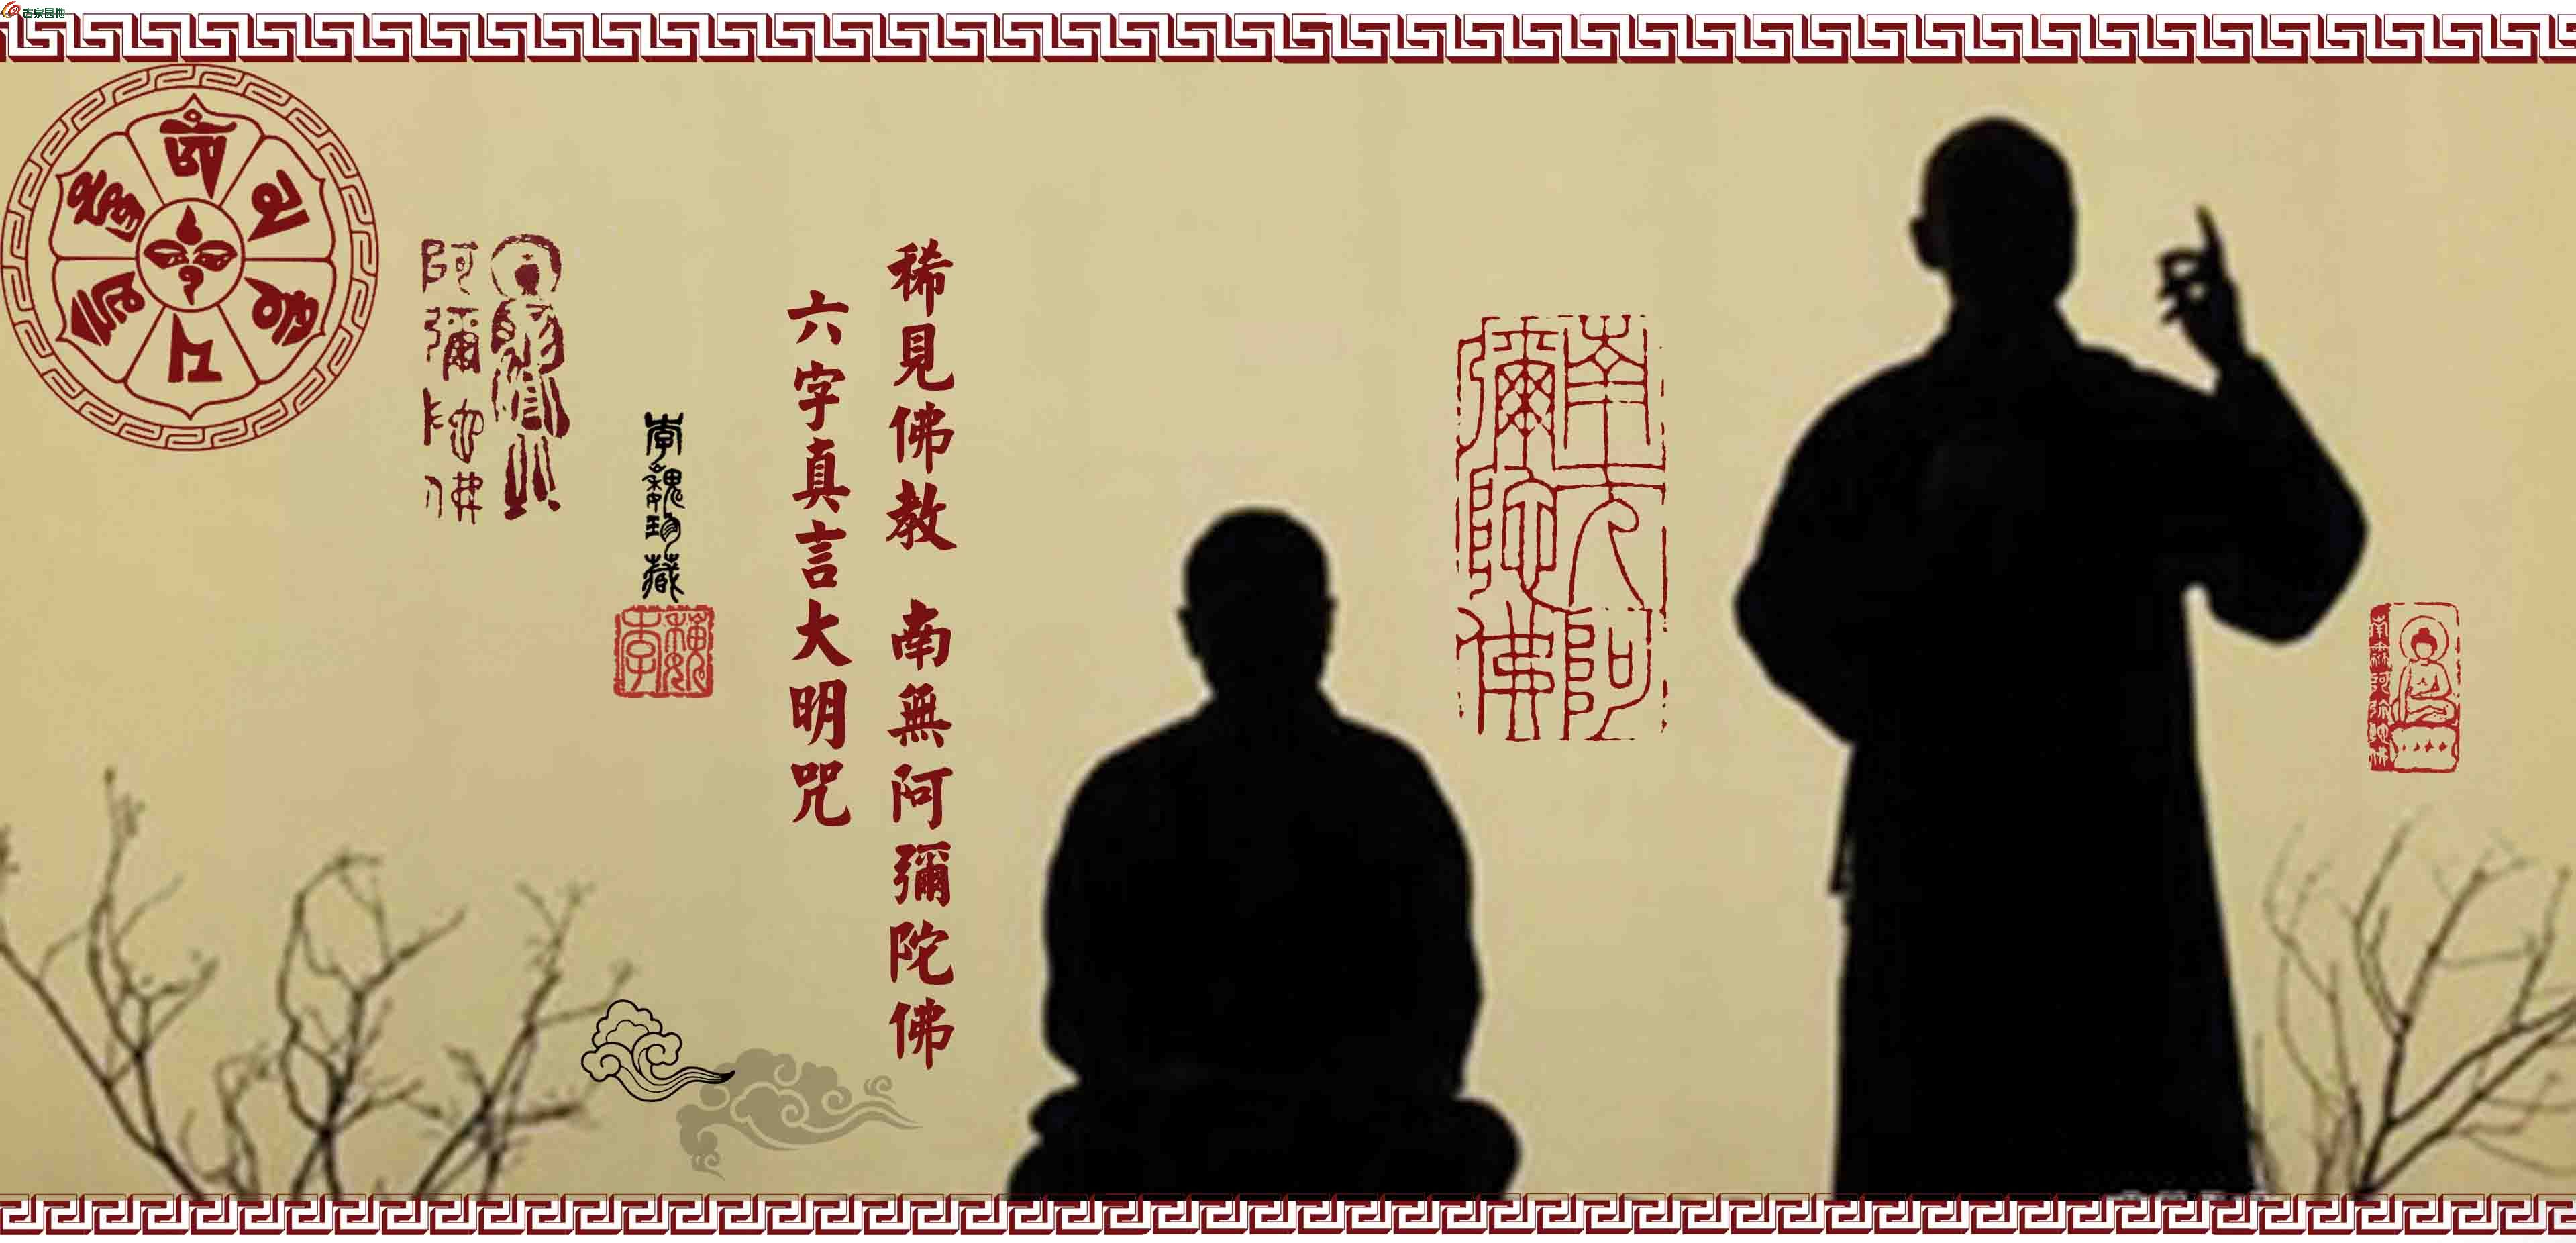 稀少大型佛教 南无阿弥陀佛六字真言 大明咒图片